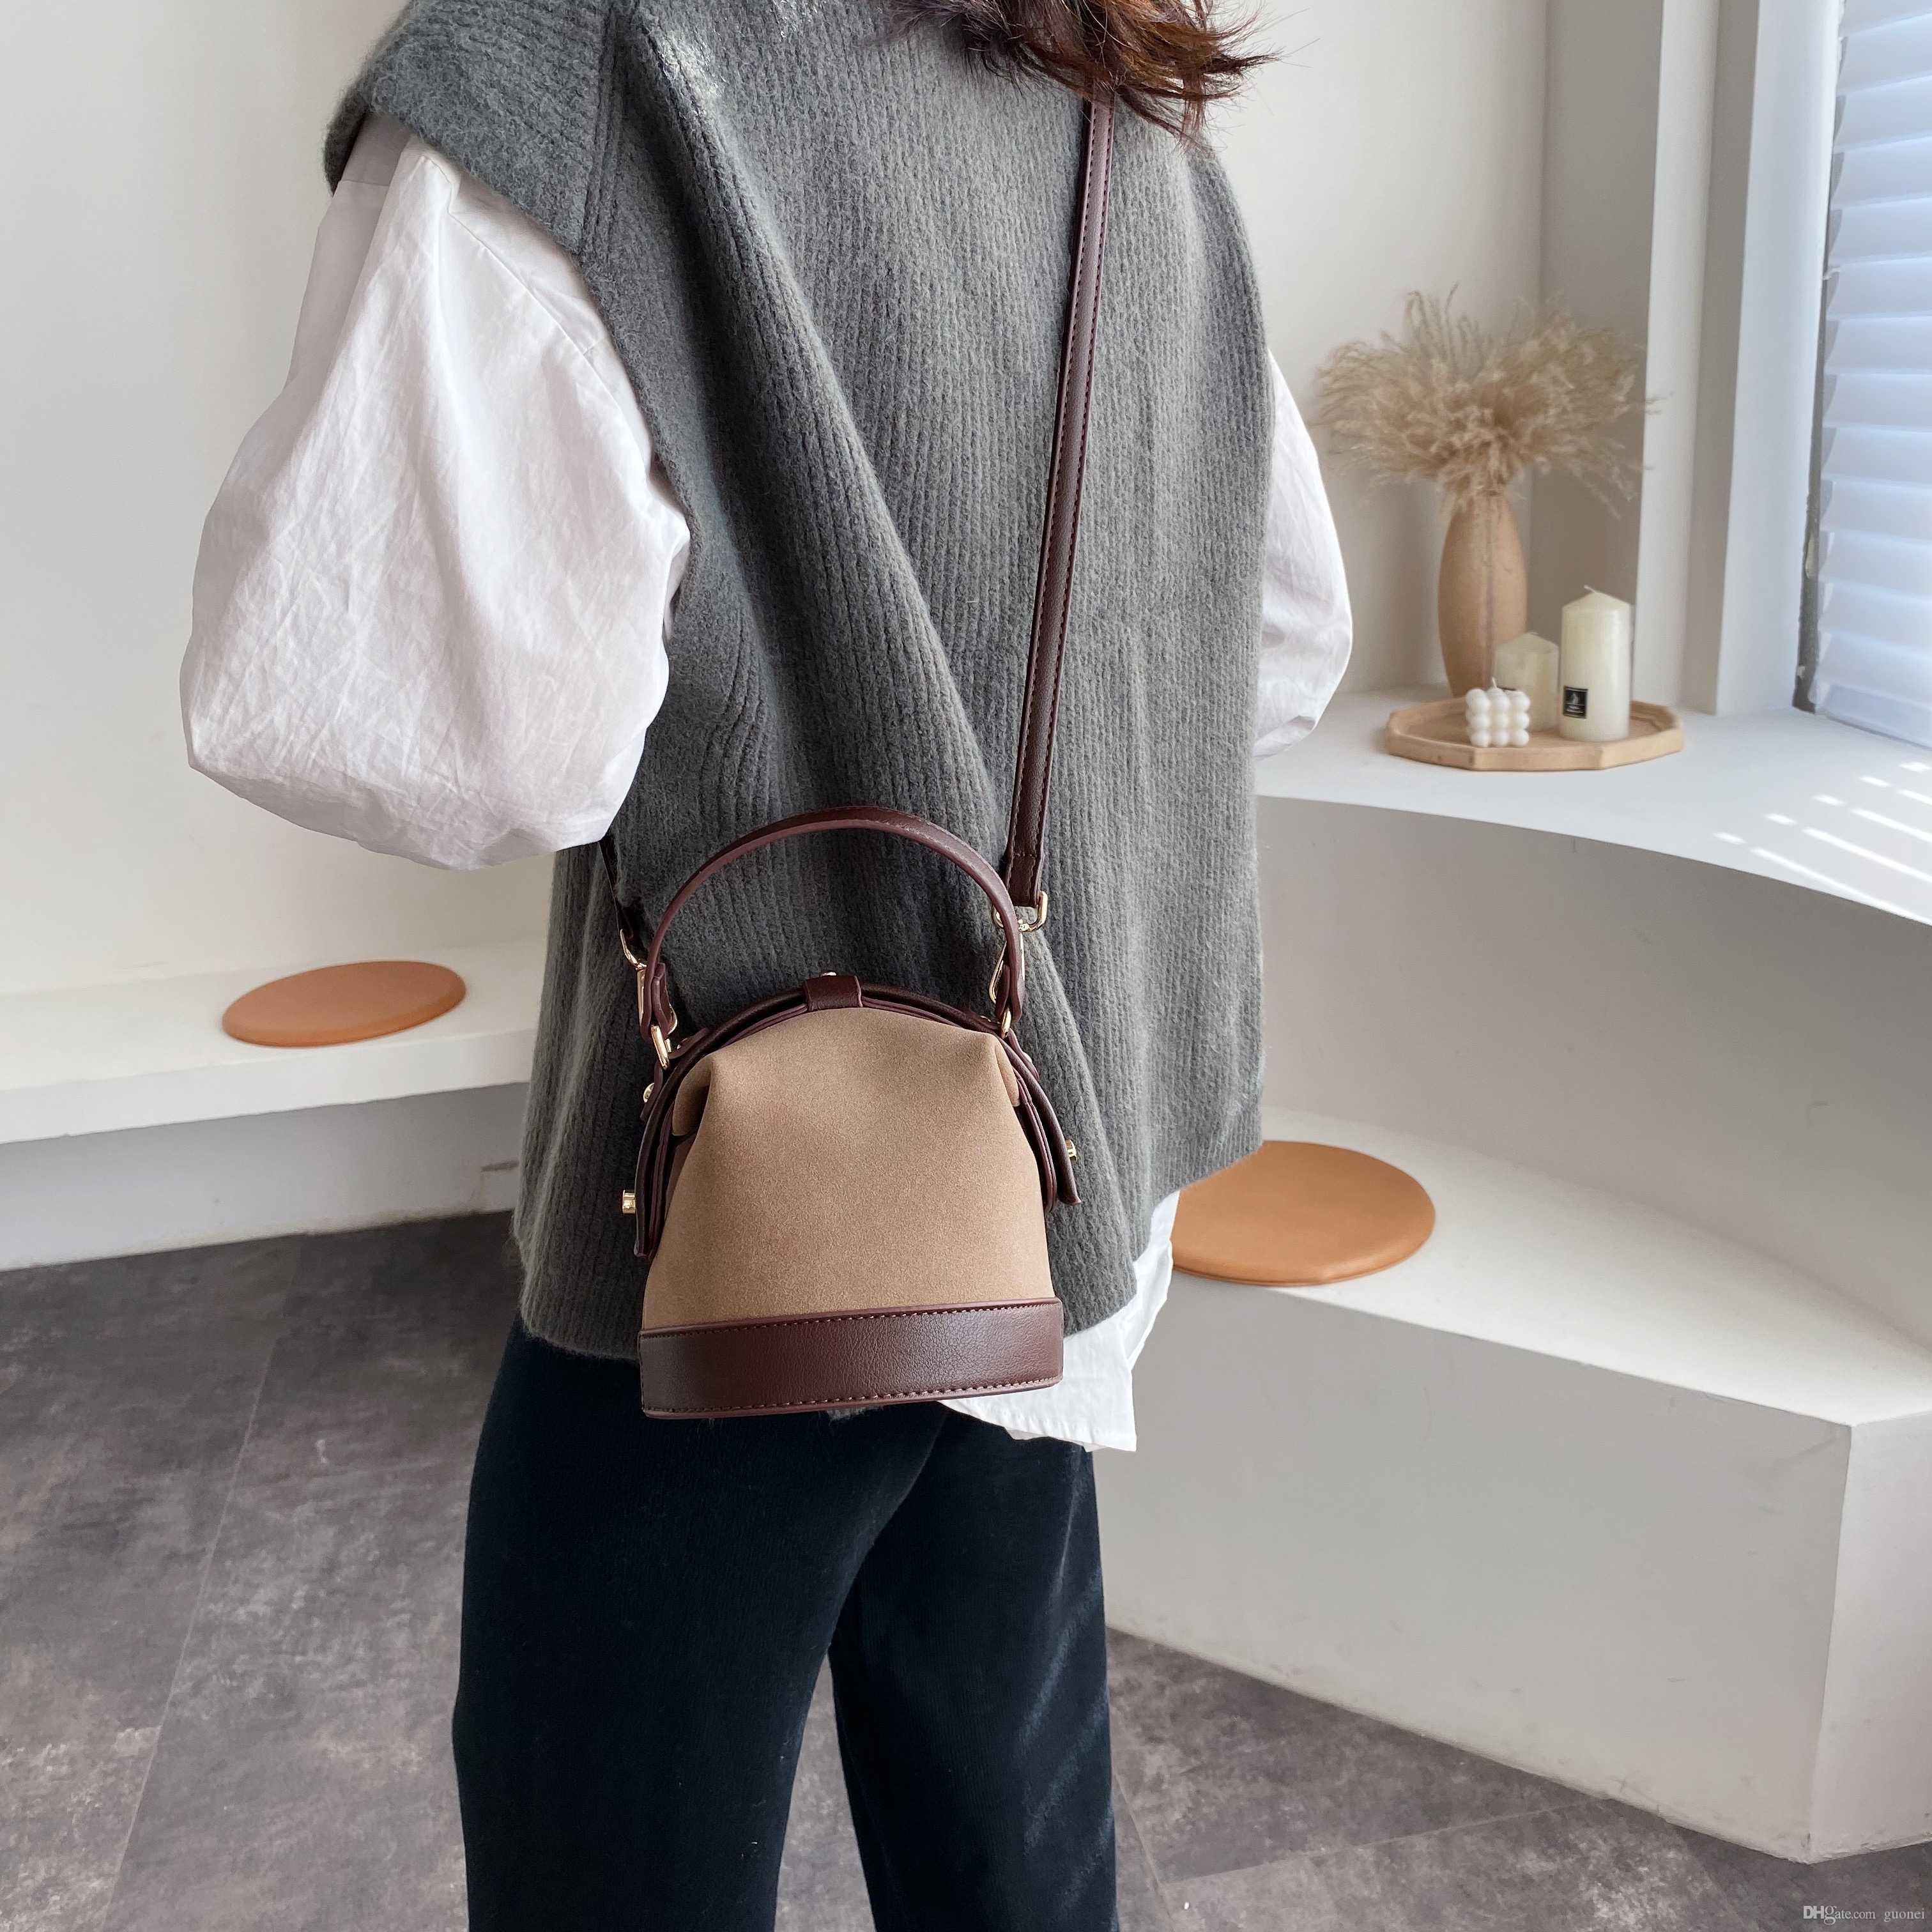 Borse Borse in pelle 2019 Lady per le donne Borse Secchio e Crossbody Messenger Bag Mini Designer-Donne Borse Borse Moda Viaggi Moda UFEAQ